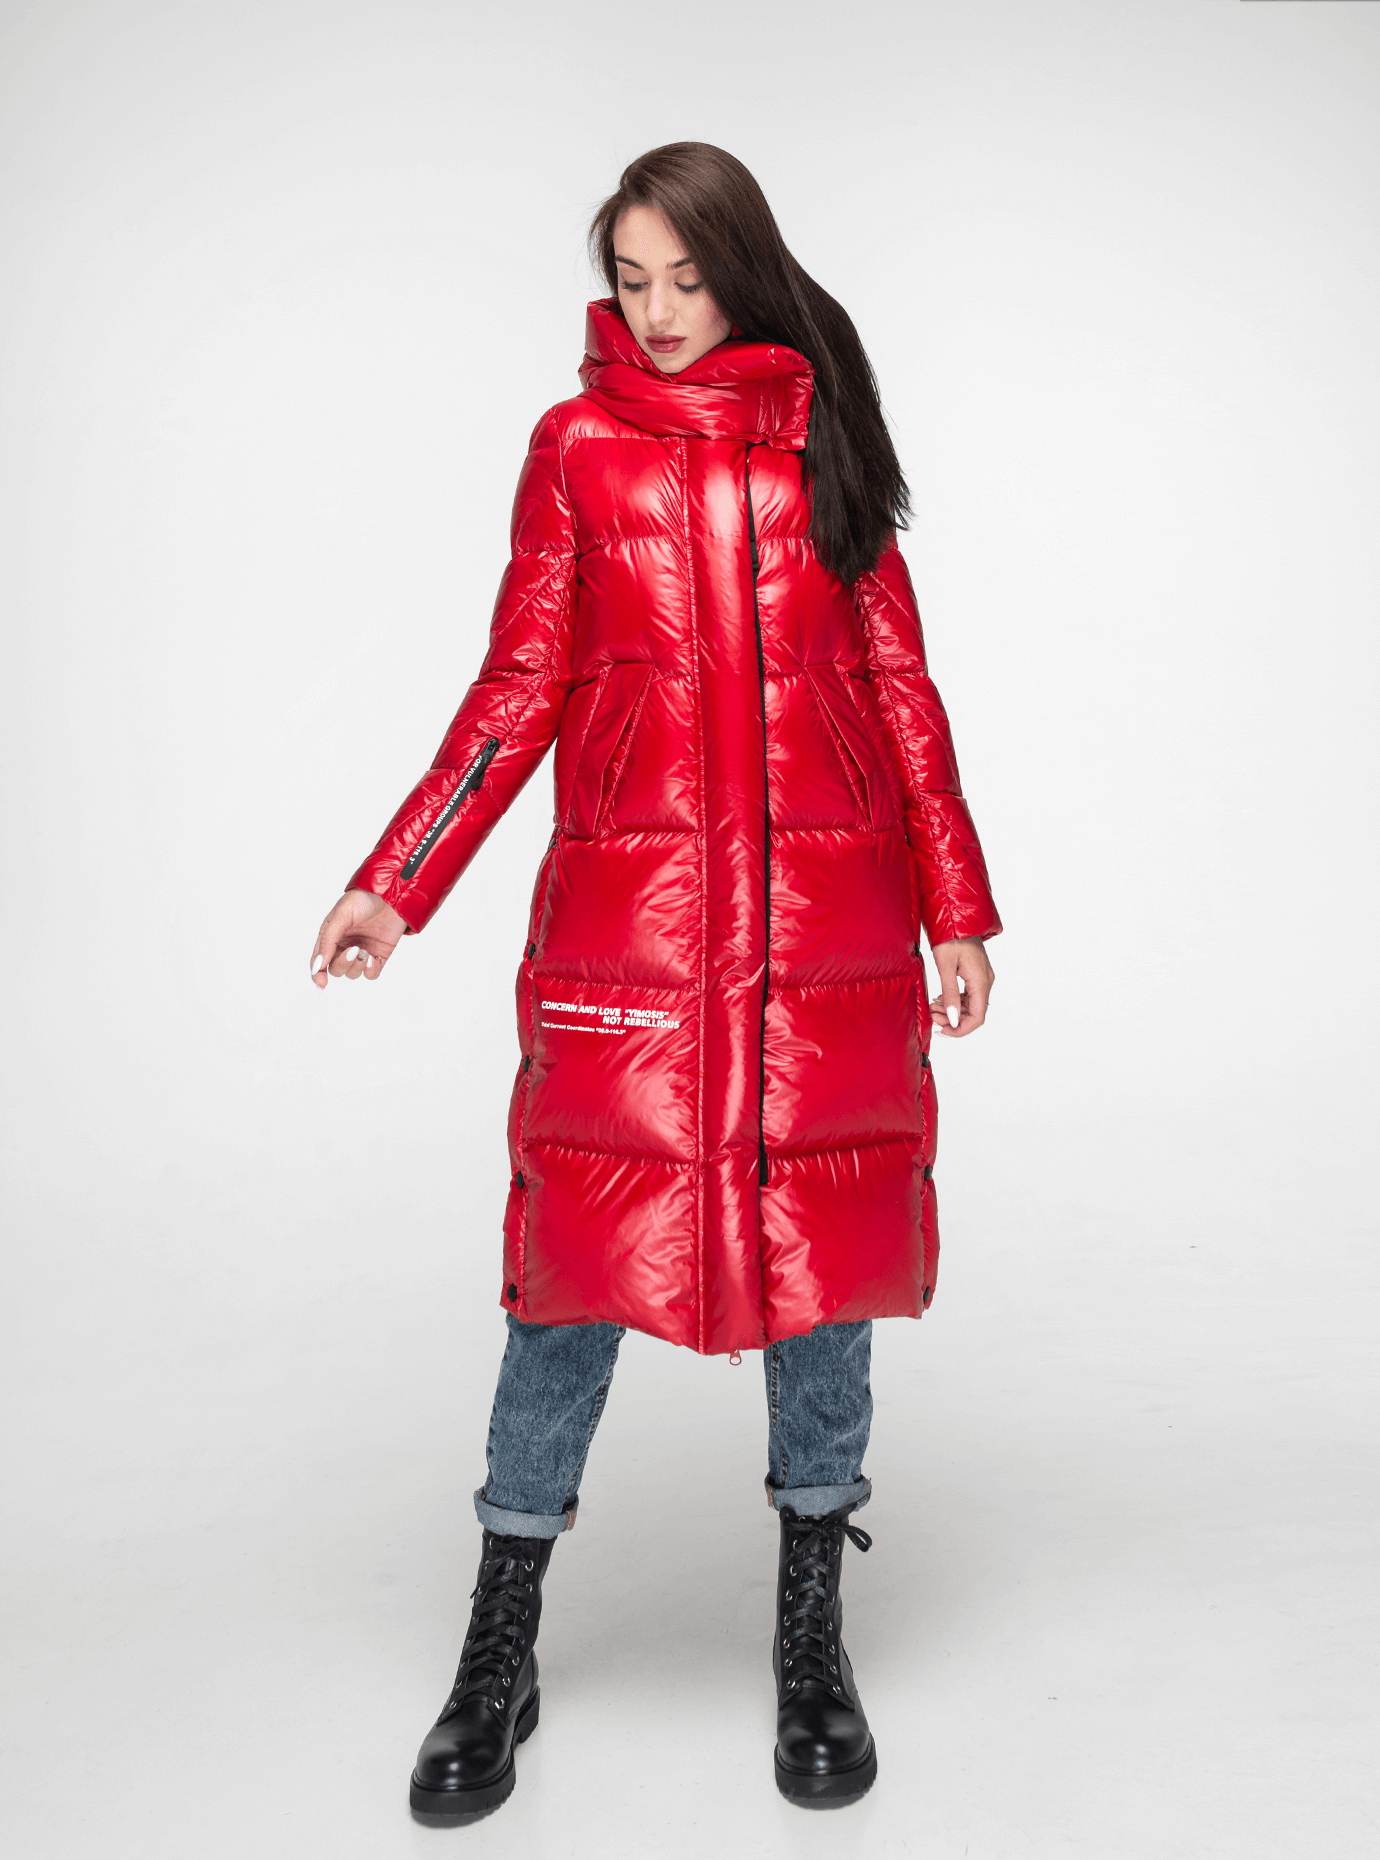 Пуховик женский длинный с разрезами Красный M (02-Y191131): фото - Alster.ua